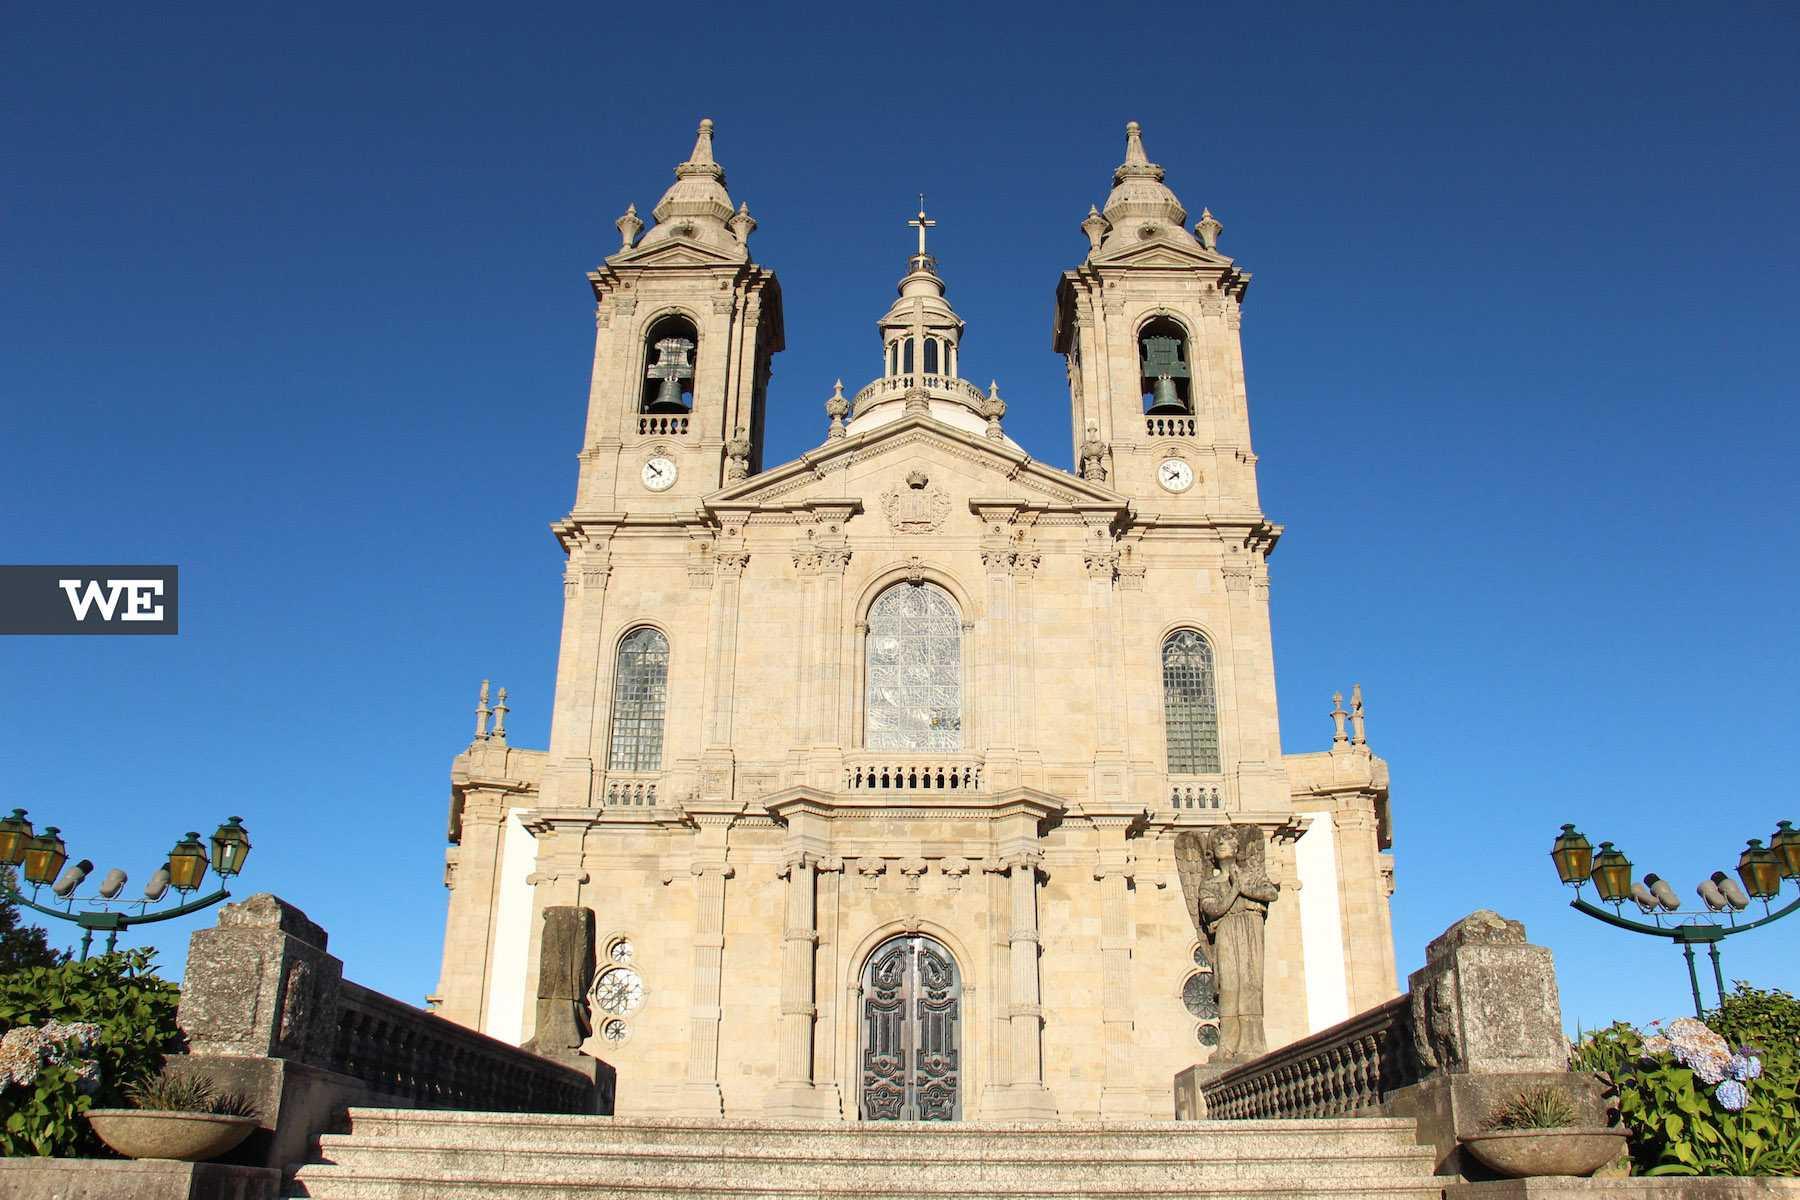 Basílica do Santuário do Sameiro